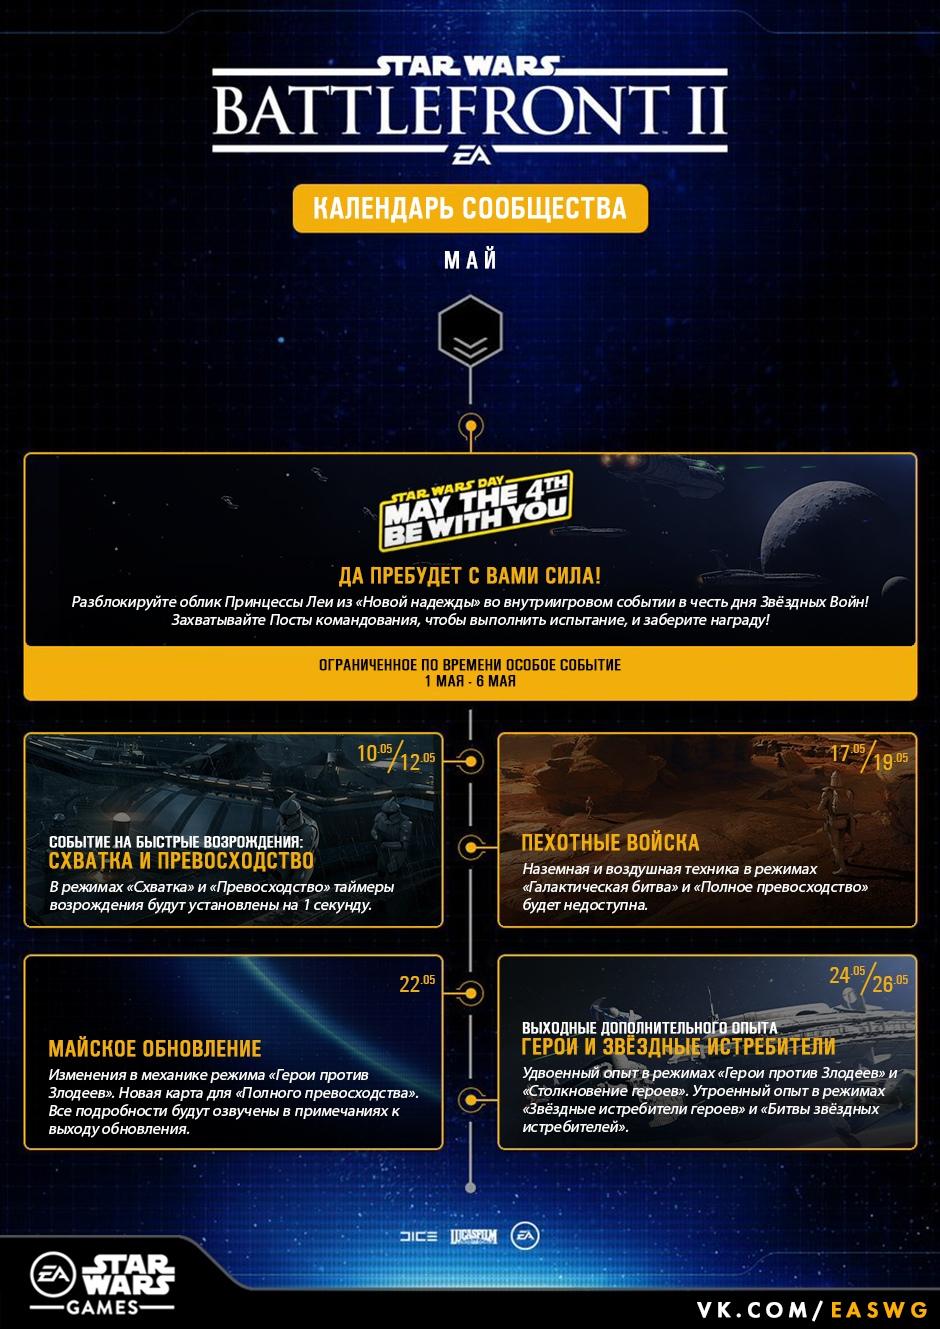 РАСПИСАНИЕ ИВЕНТОВ В МАЕ STAR WARS: BATTLEFRONT 2